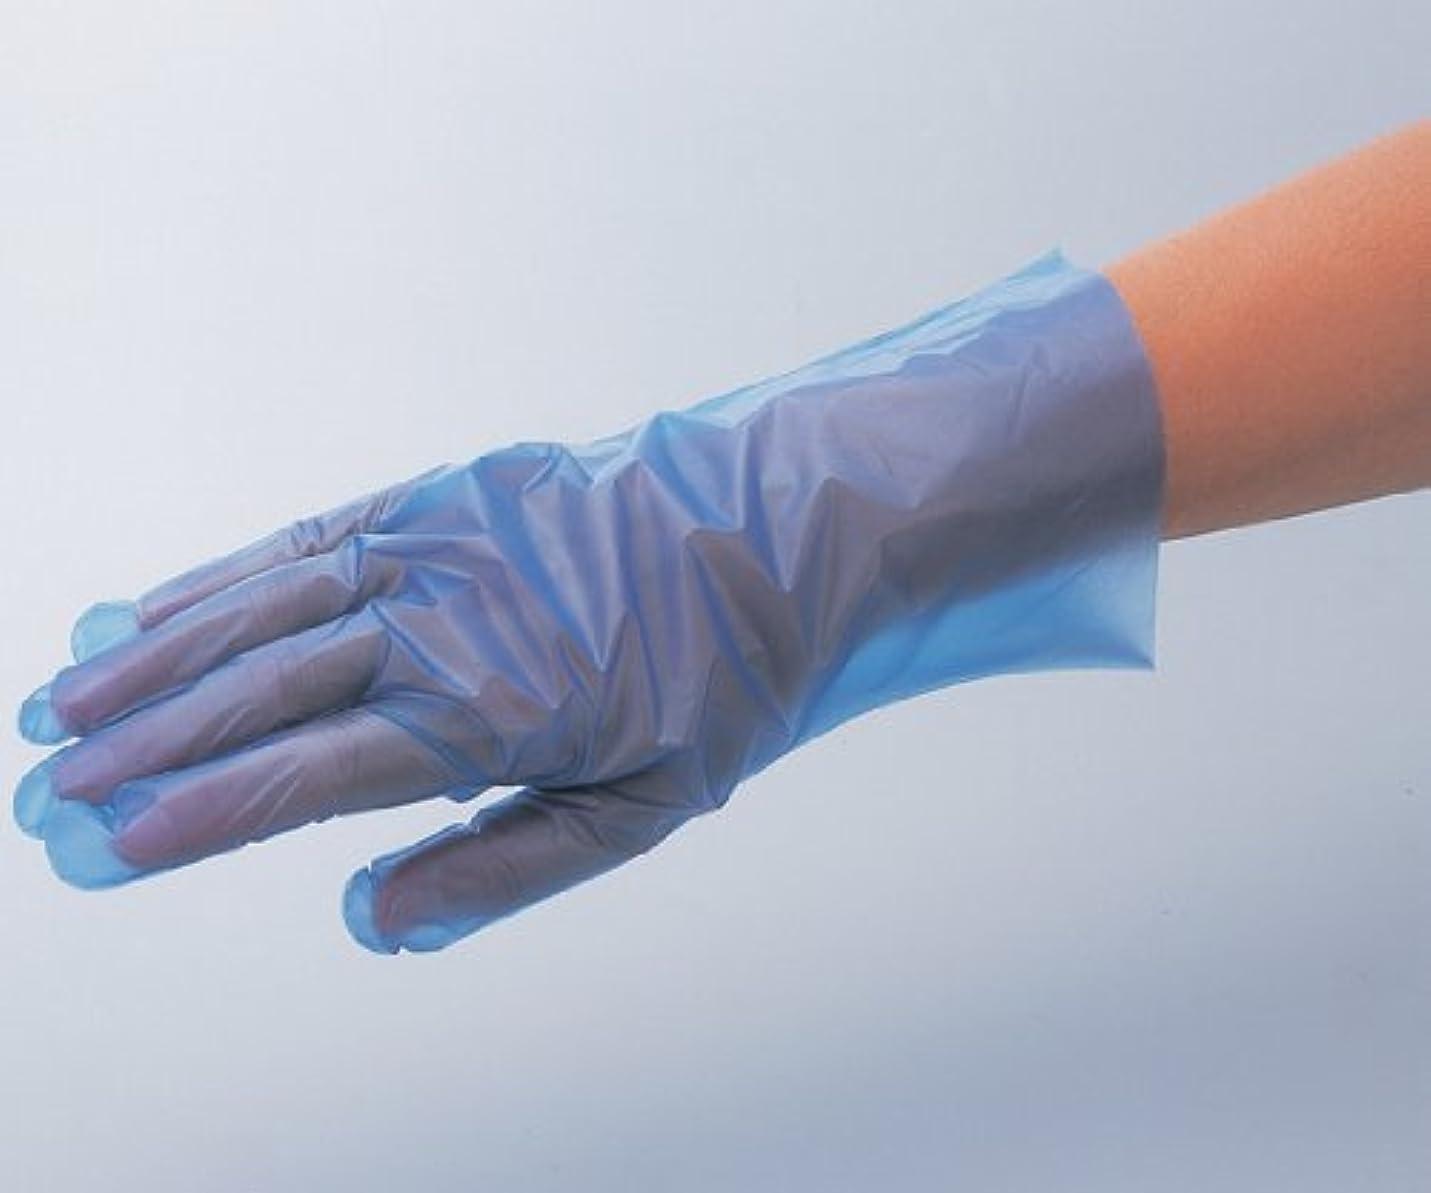 コンテンポラリーカリングラビリンスアズワン6-9730-56サニーノール手袋エコロジーケース販売6000枚入Sブルー